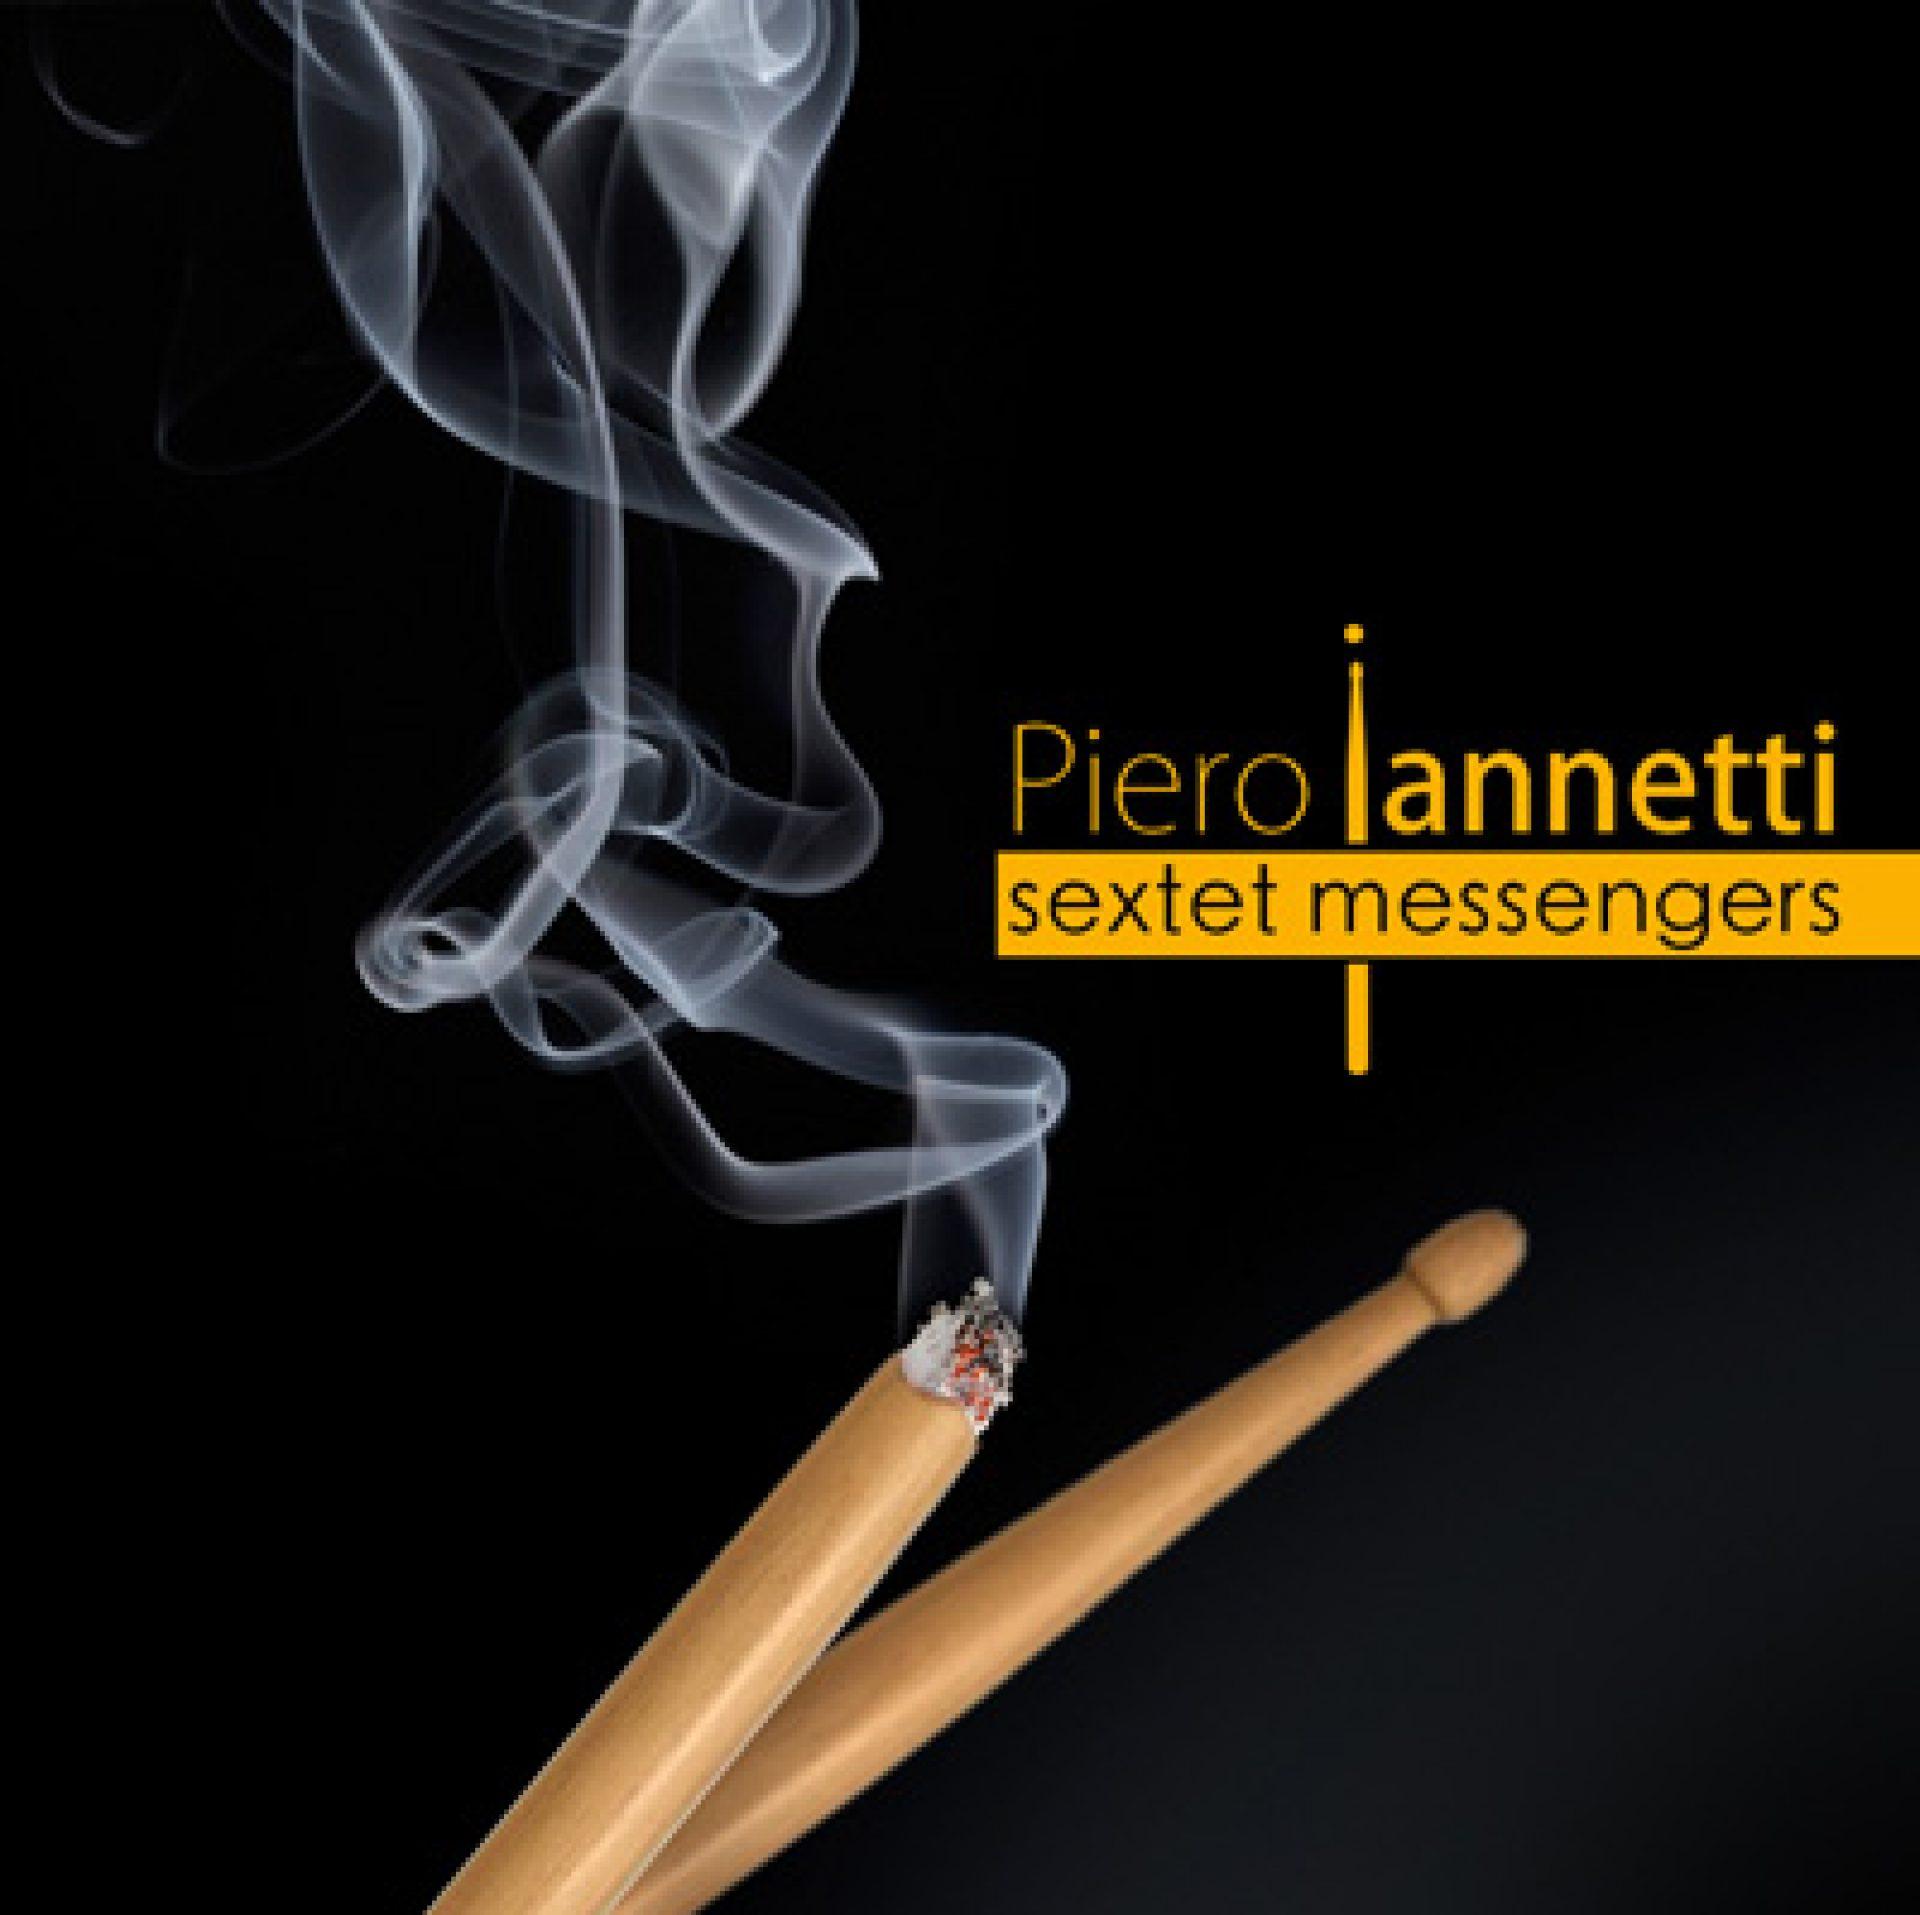 cropped-sextet-messengers.jpg